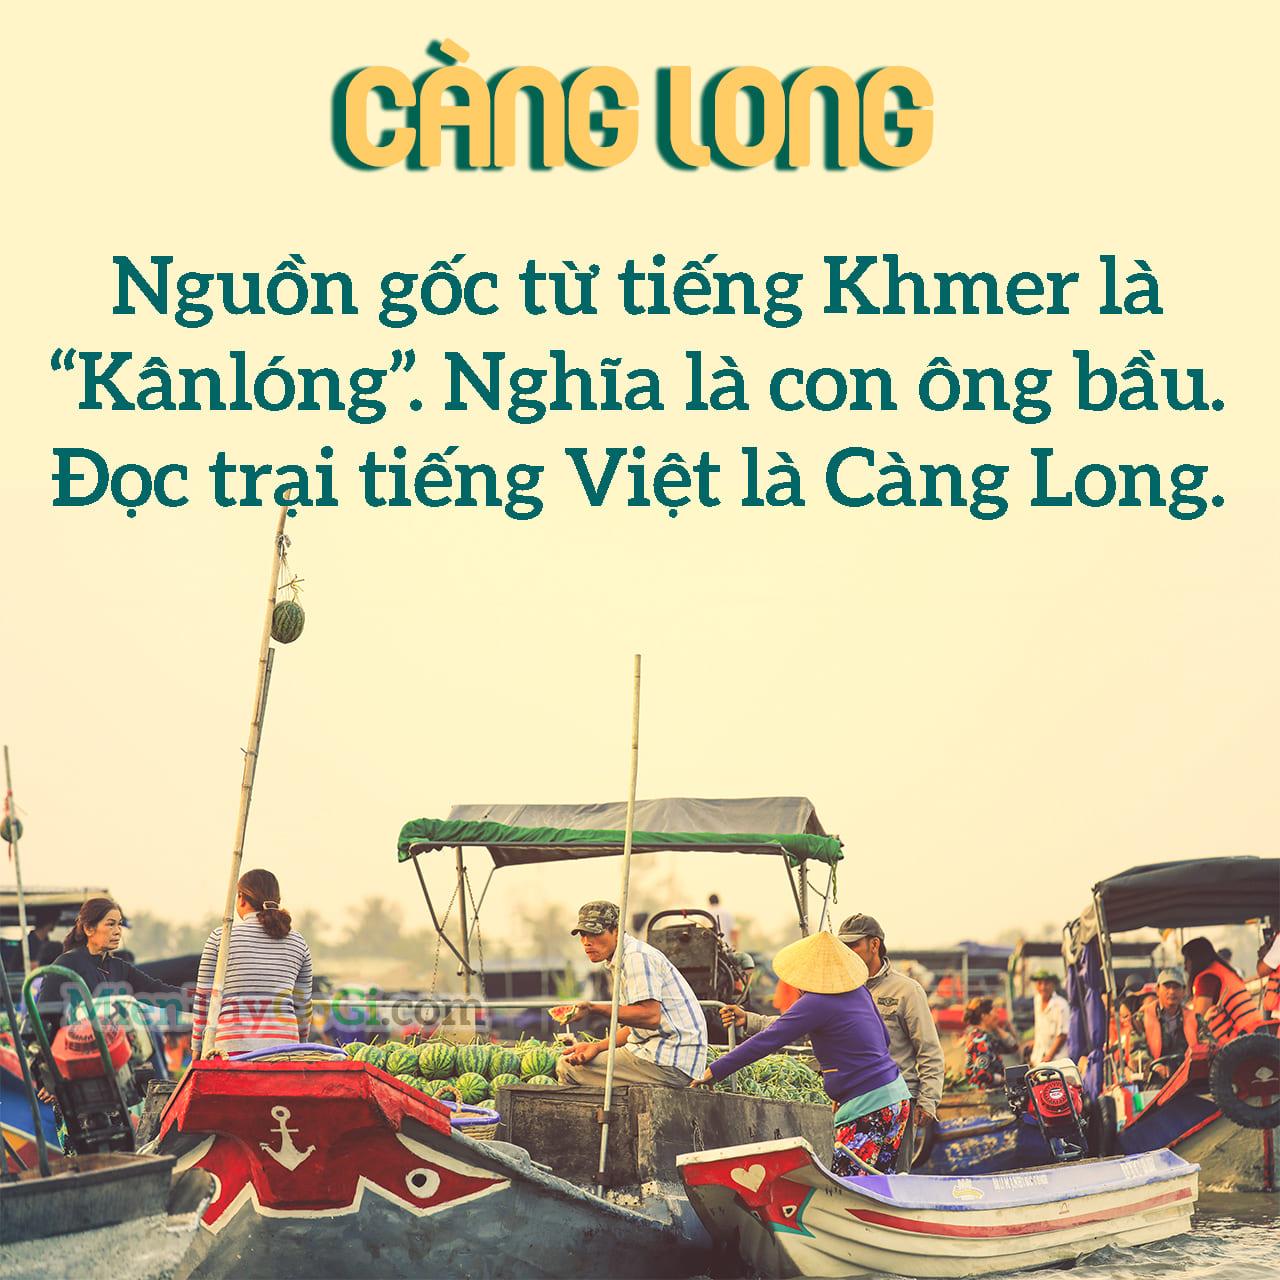 Ý nghĩa của địa danh Càng Long là gì